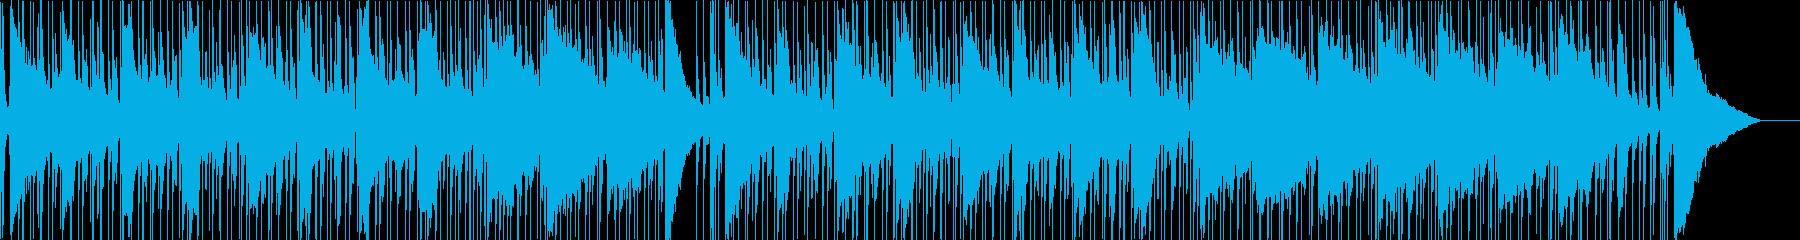 ポップファンクテレビコンテンポラリ...の再生済みの波形